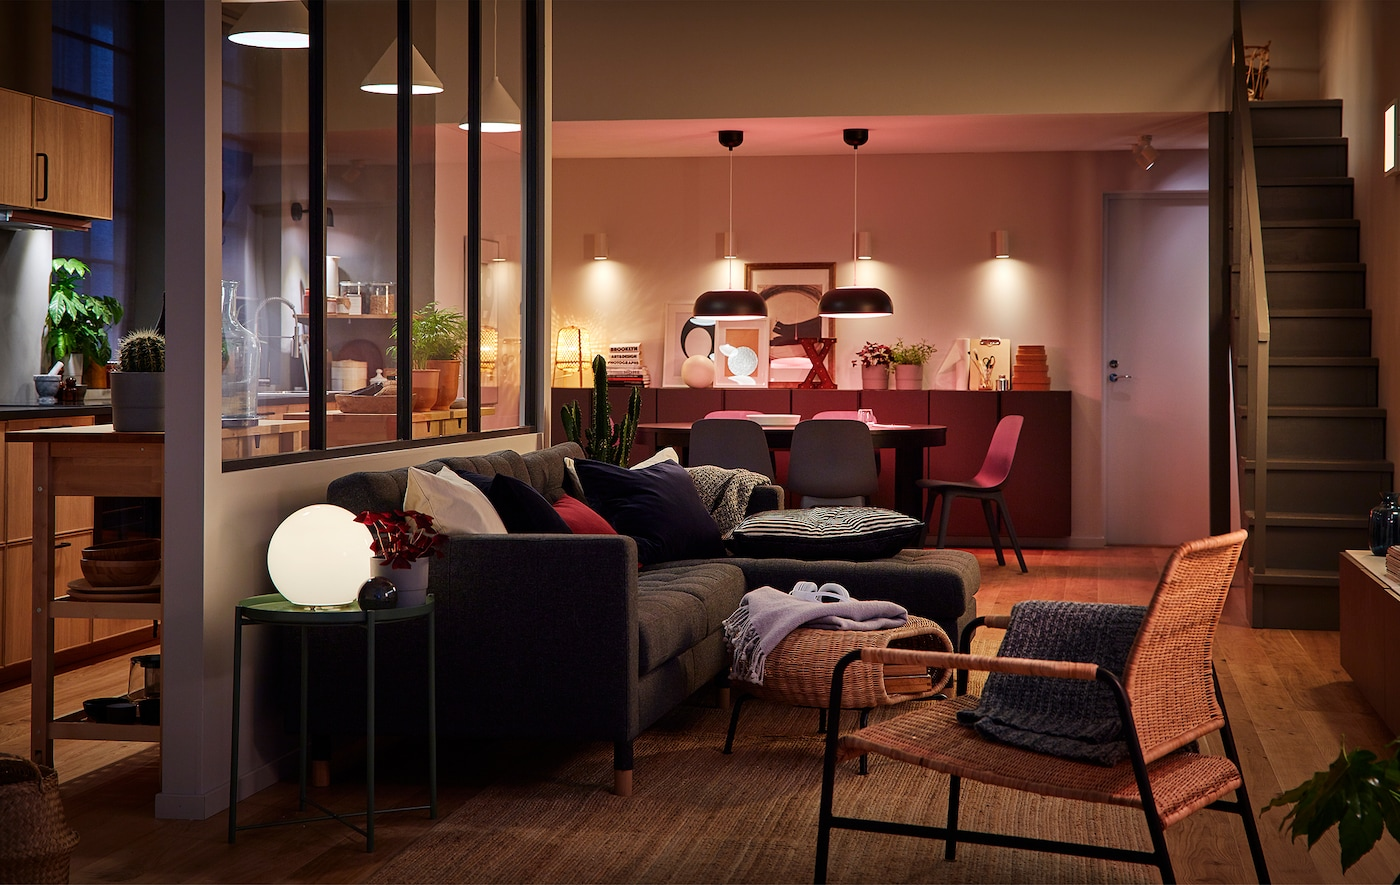 Habitació gran amb cuina, zona de menjador i sala d'estar amb poca separació. Habitació il·luminada amb múltiples fonts de llum.